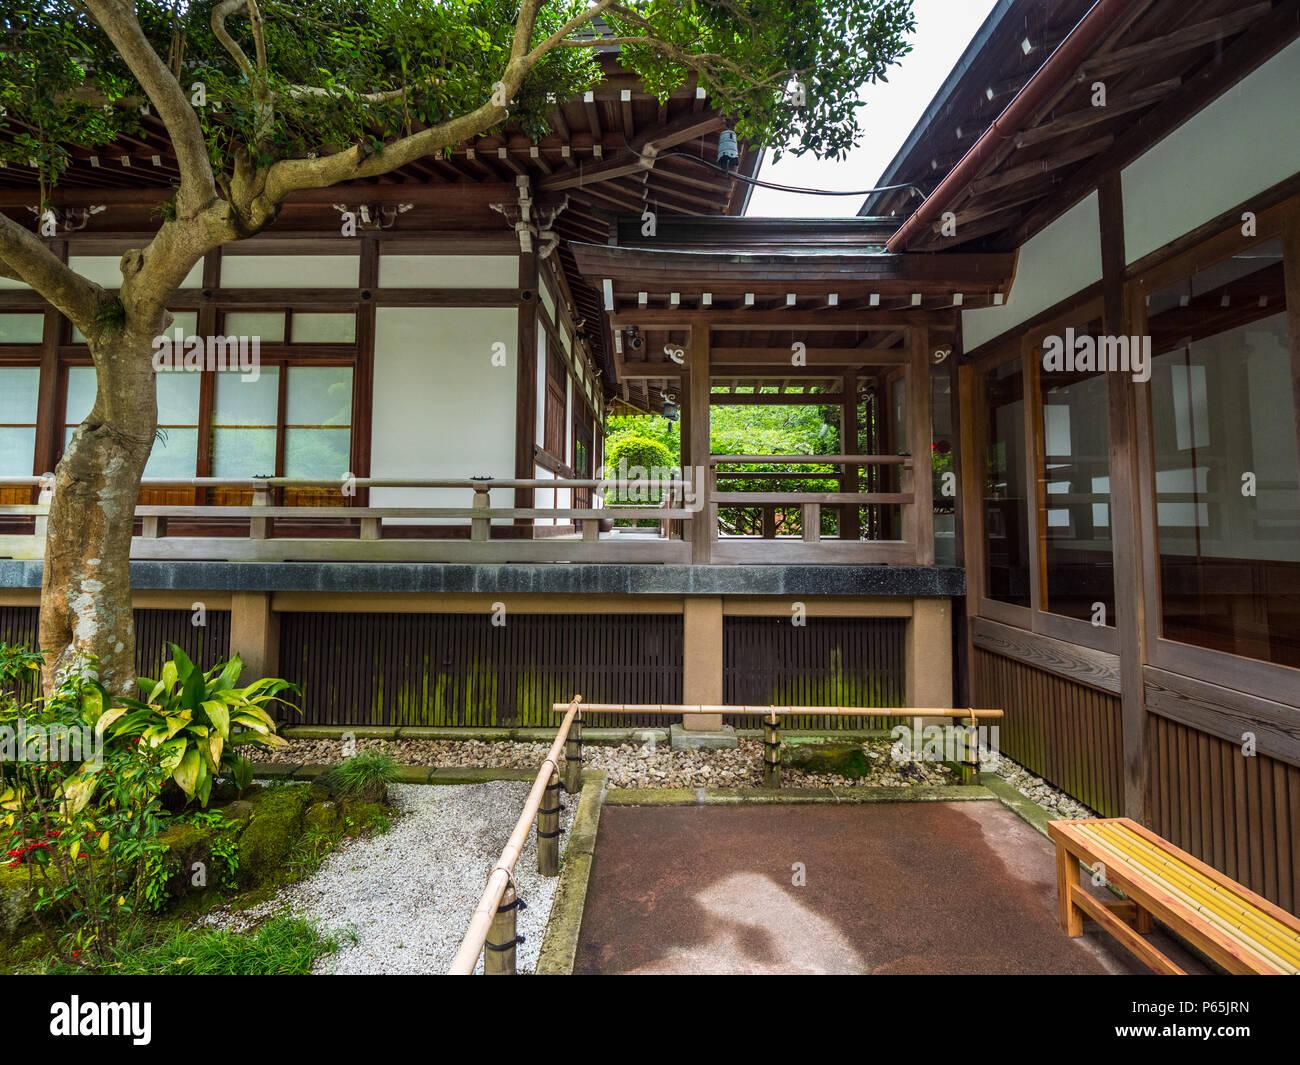 Japanische Häuser Stockfotos & Japanische Häuser Bilder - Alamy